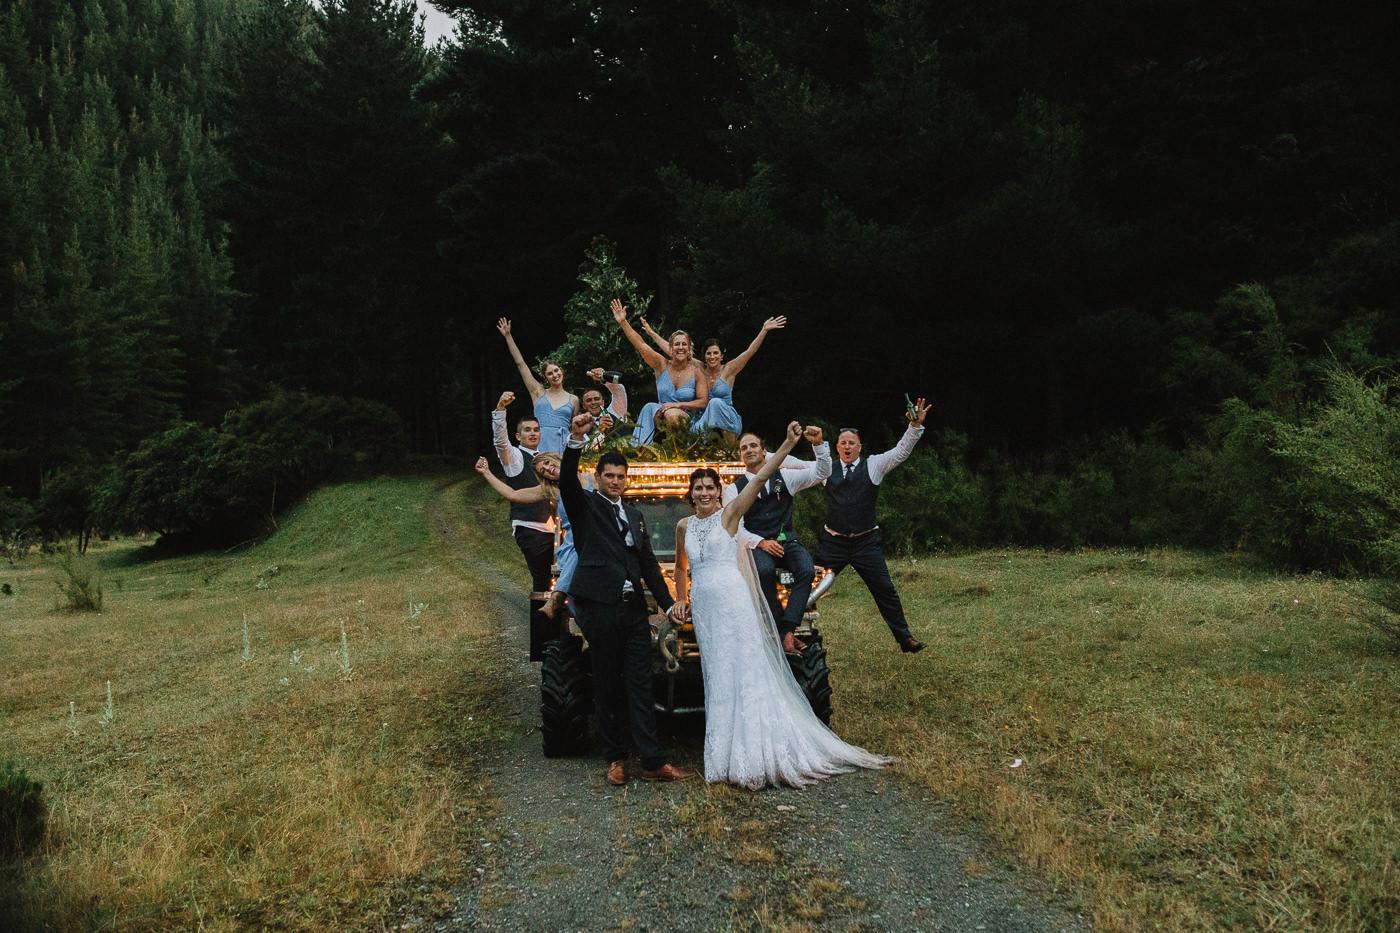 nz_wedding_photographer_gisborne-1214.jpg